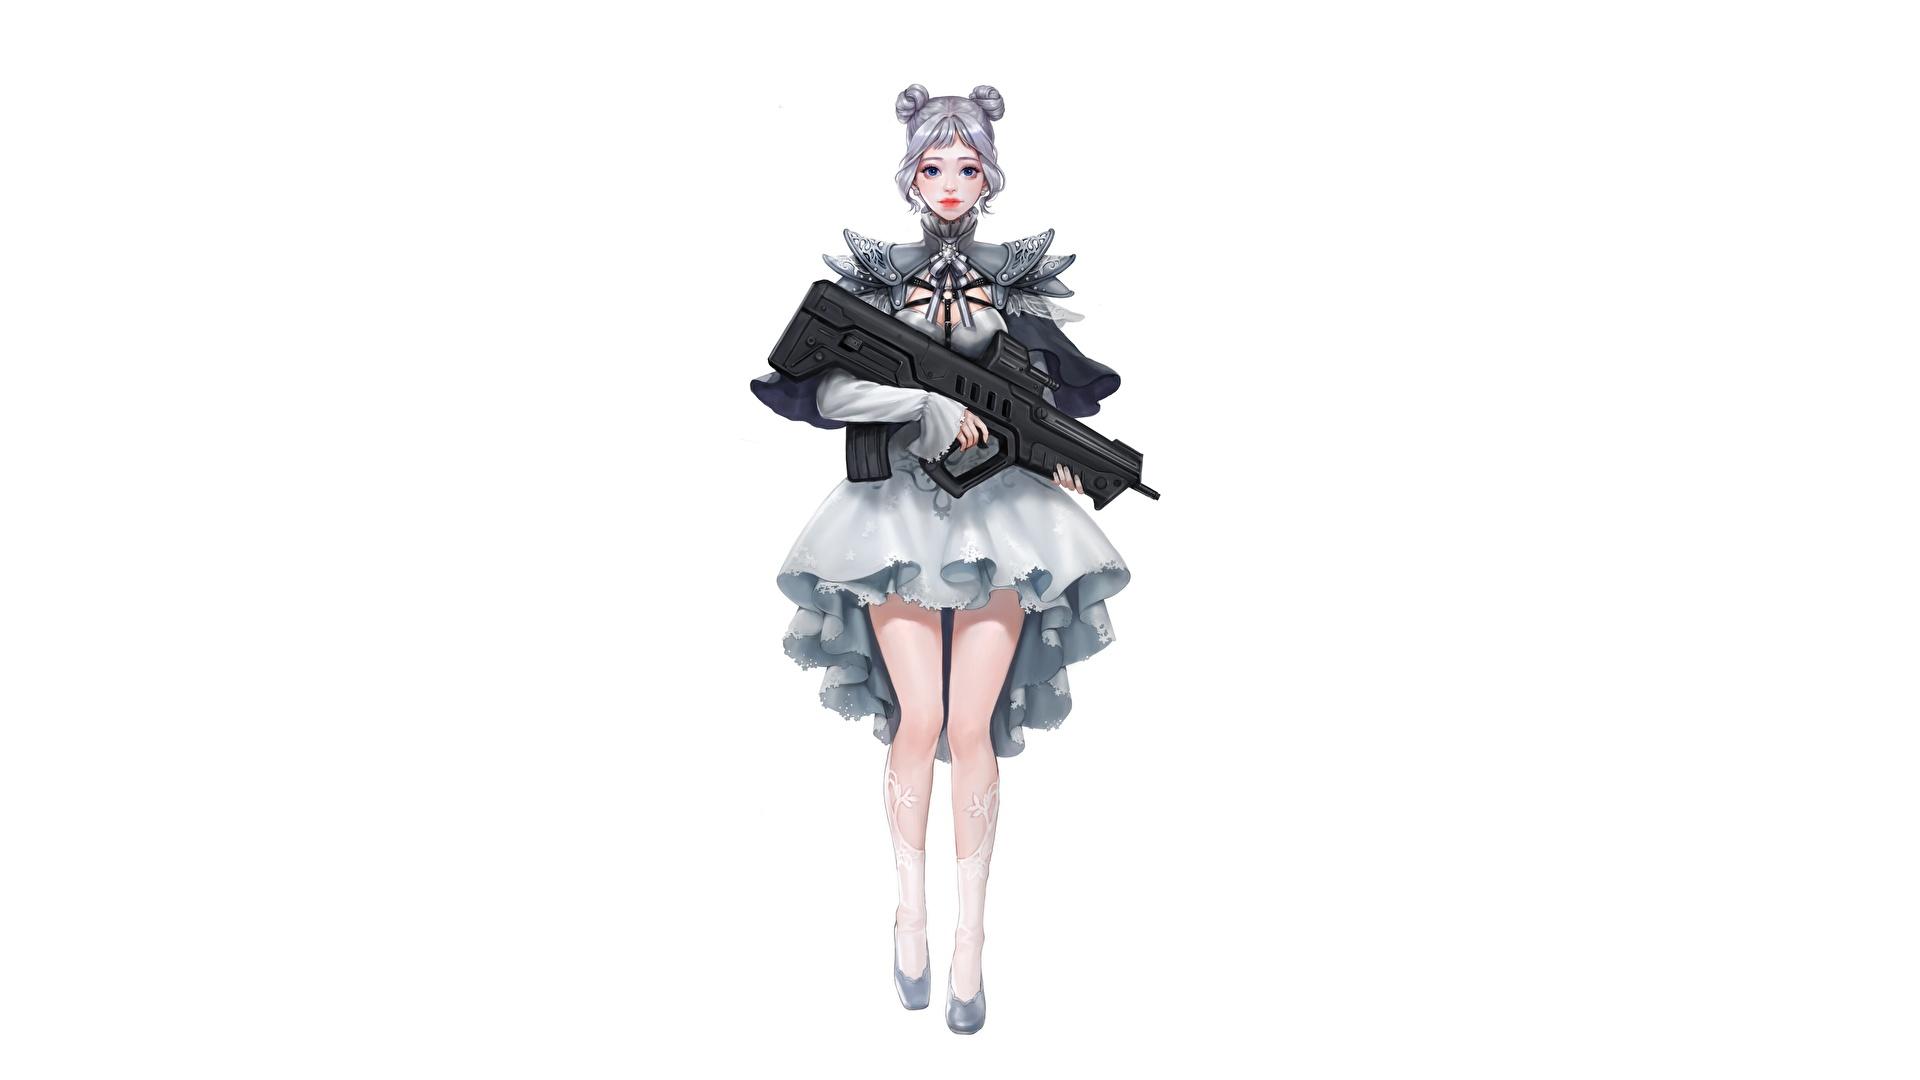 壁紙 19x1080 アサルトライフル Da Hye Lee Lolita Gunslinger 白背景 スカート 脚 ファンタジー 少女 ダウンロード 写真